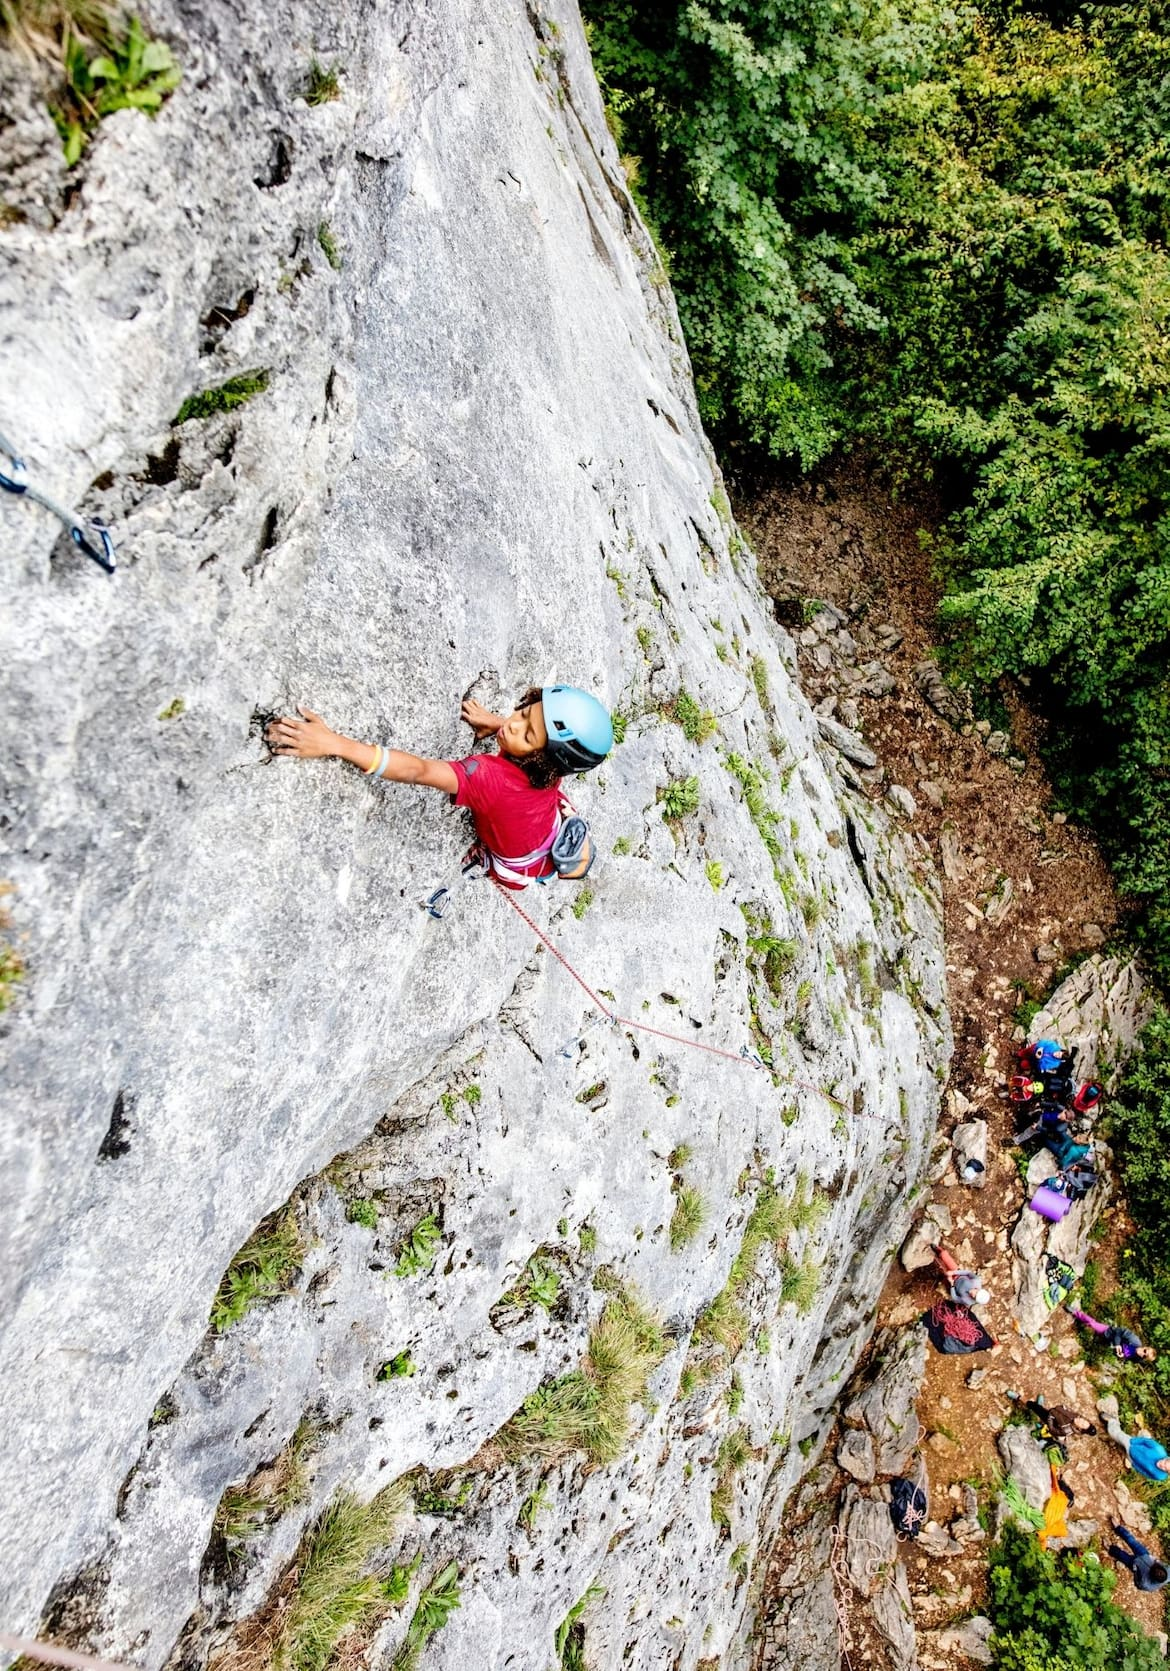 Der junge Kletterer Owen klettert konzentriert an einer steilen Felswand empor